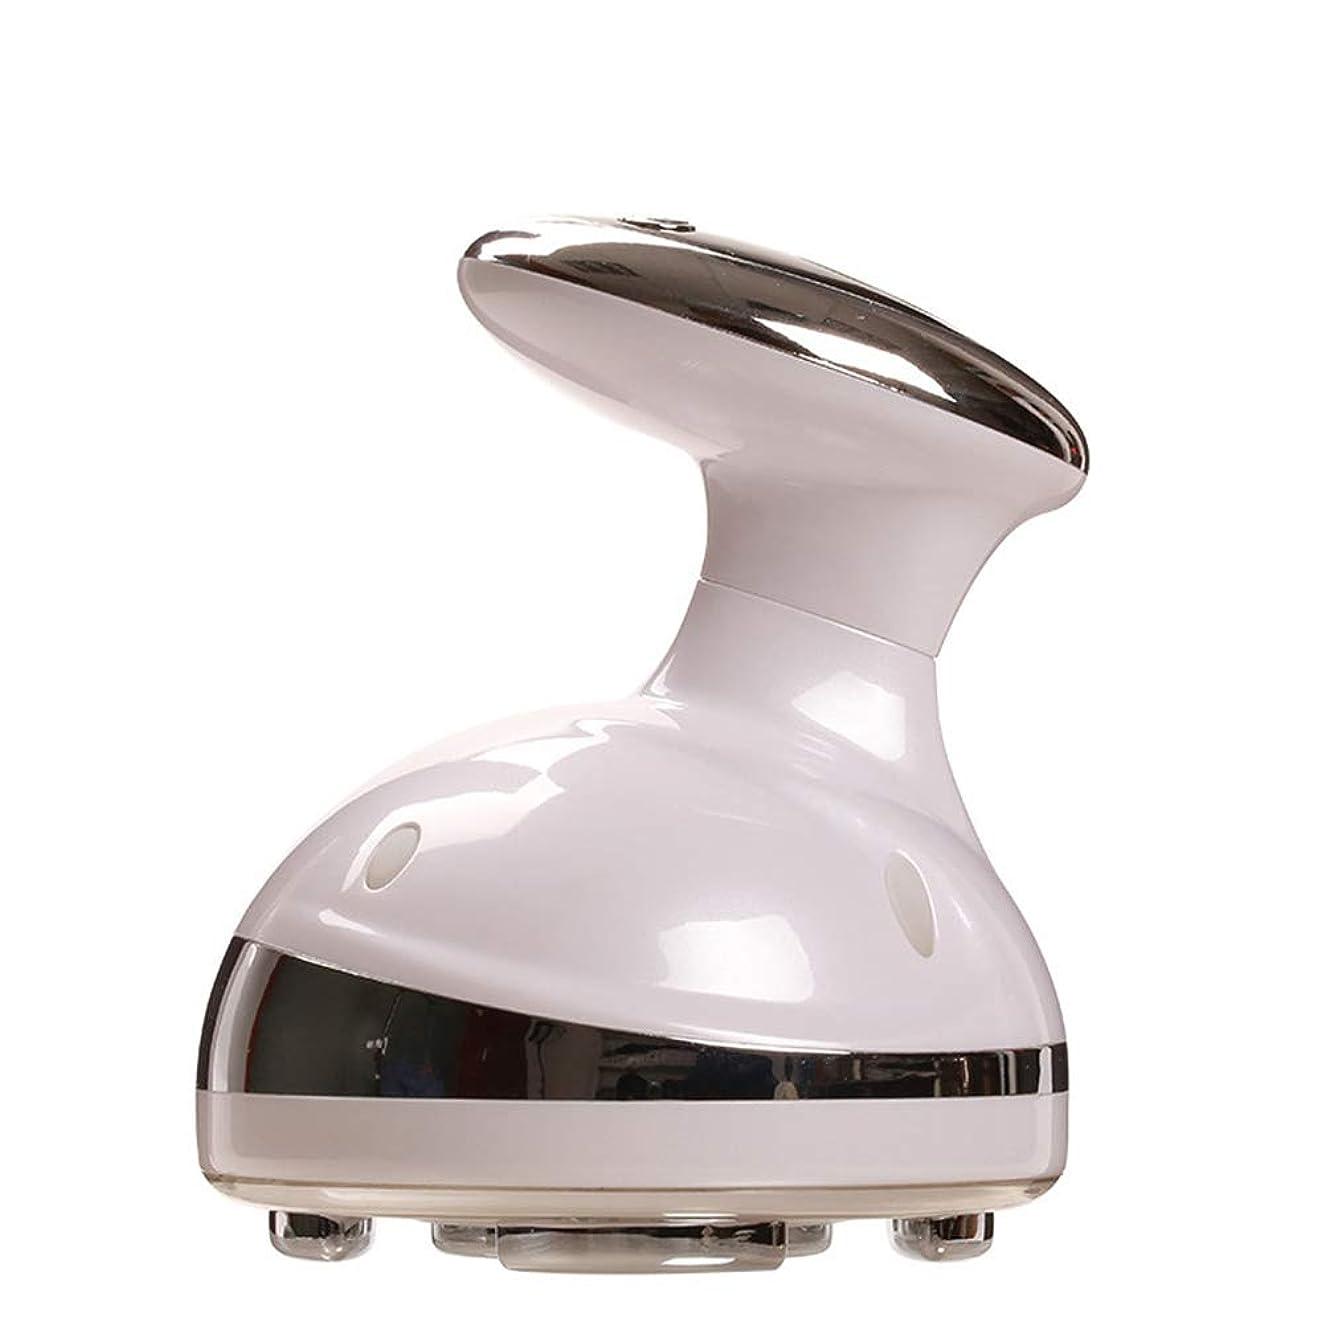 和解するリスクポジティブGQSZ脂肪除去キャビテーション美容機HD LCDレッドライトRFセラピーボディシェーピング超音波マッサージ減量ボディスリミングスキン引き締め,White